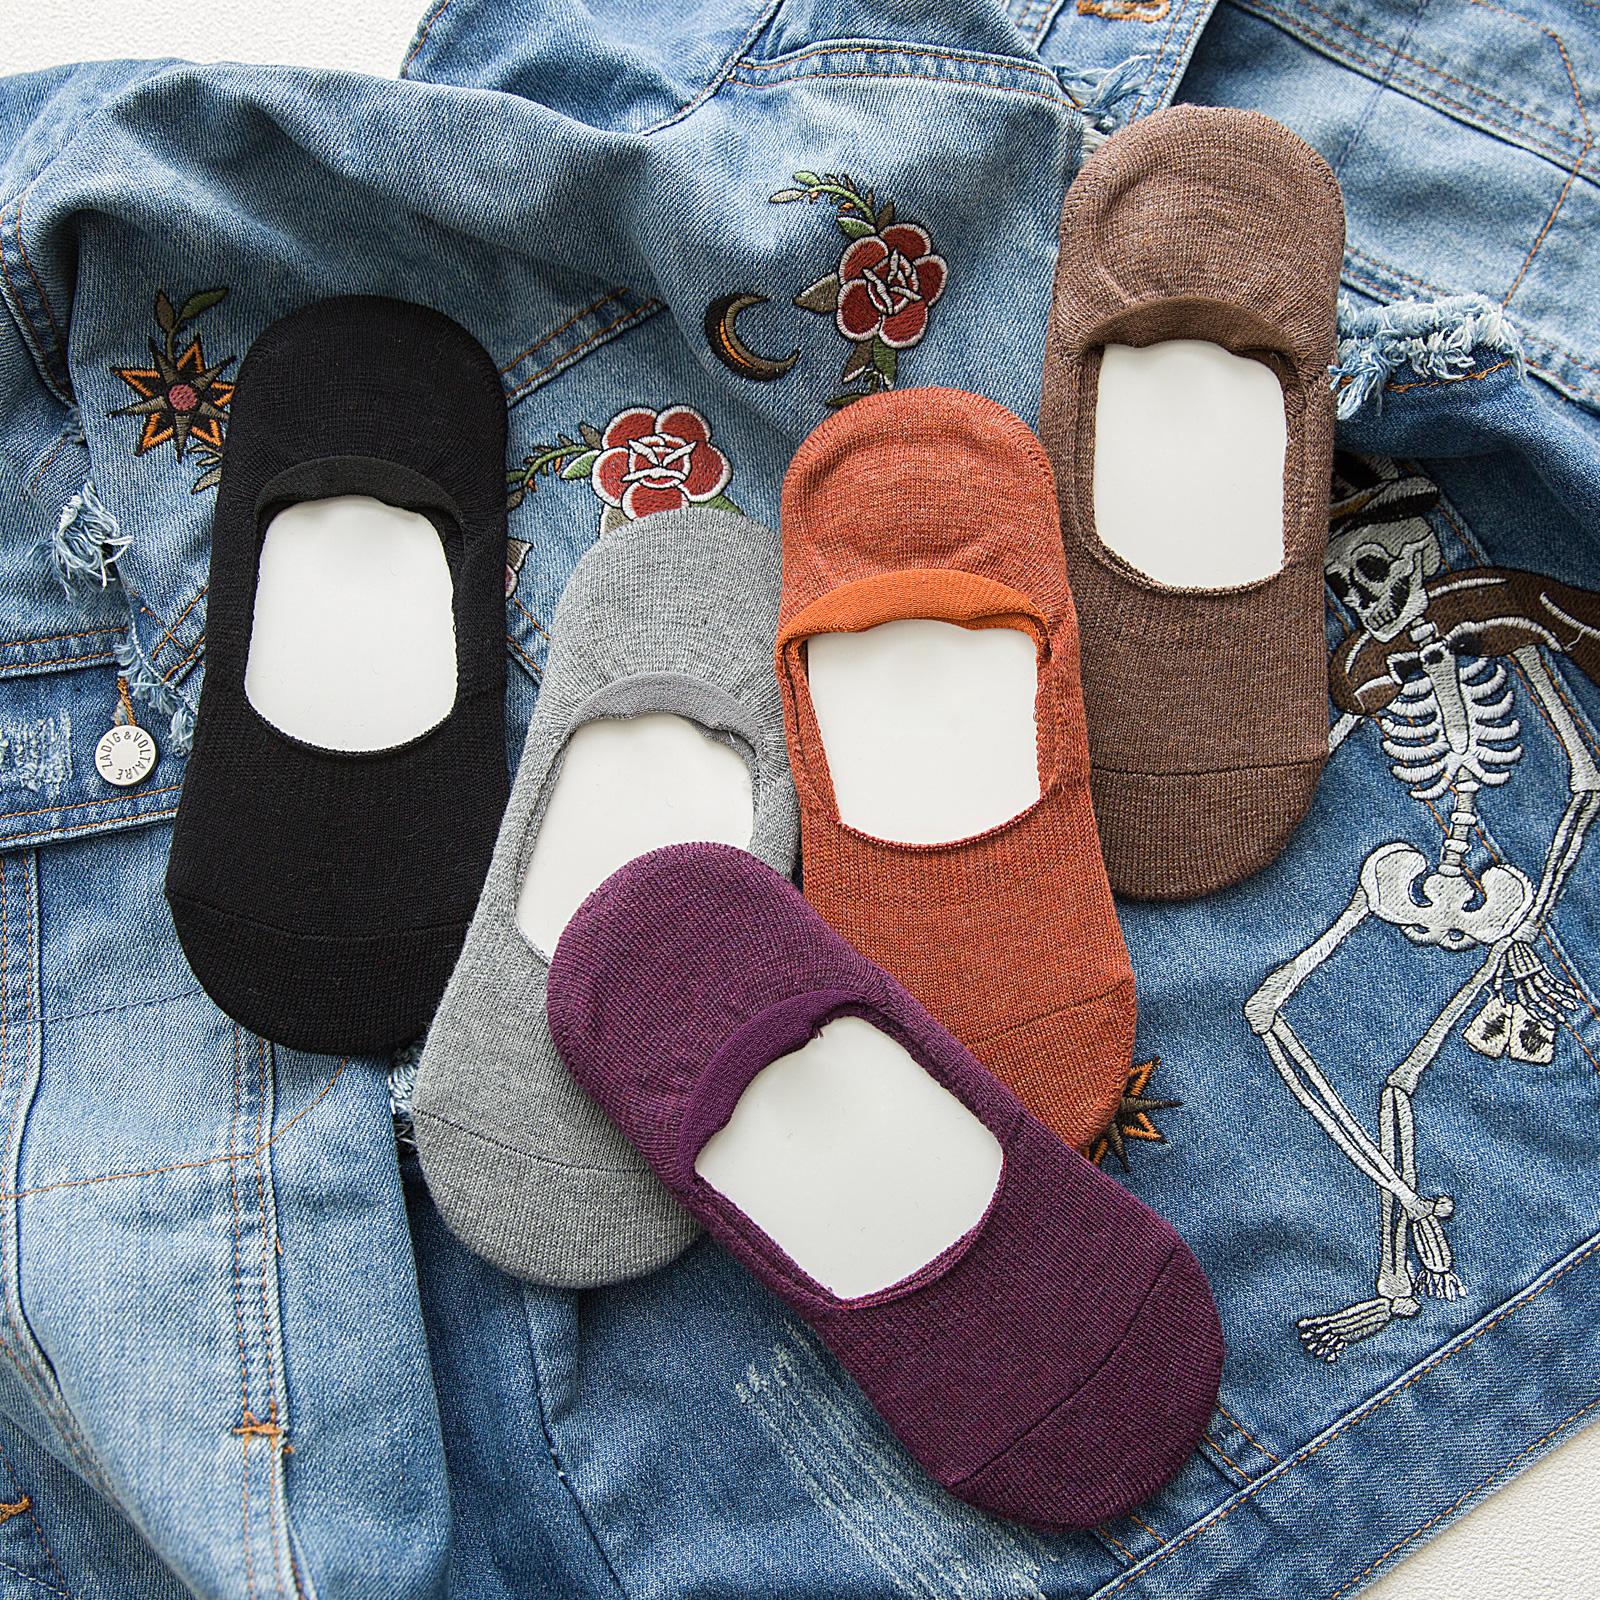 袜子女加厚毛圈秋冬季船袜浅口隐形女士保暖短袜纯棉加绒硅胶防滑